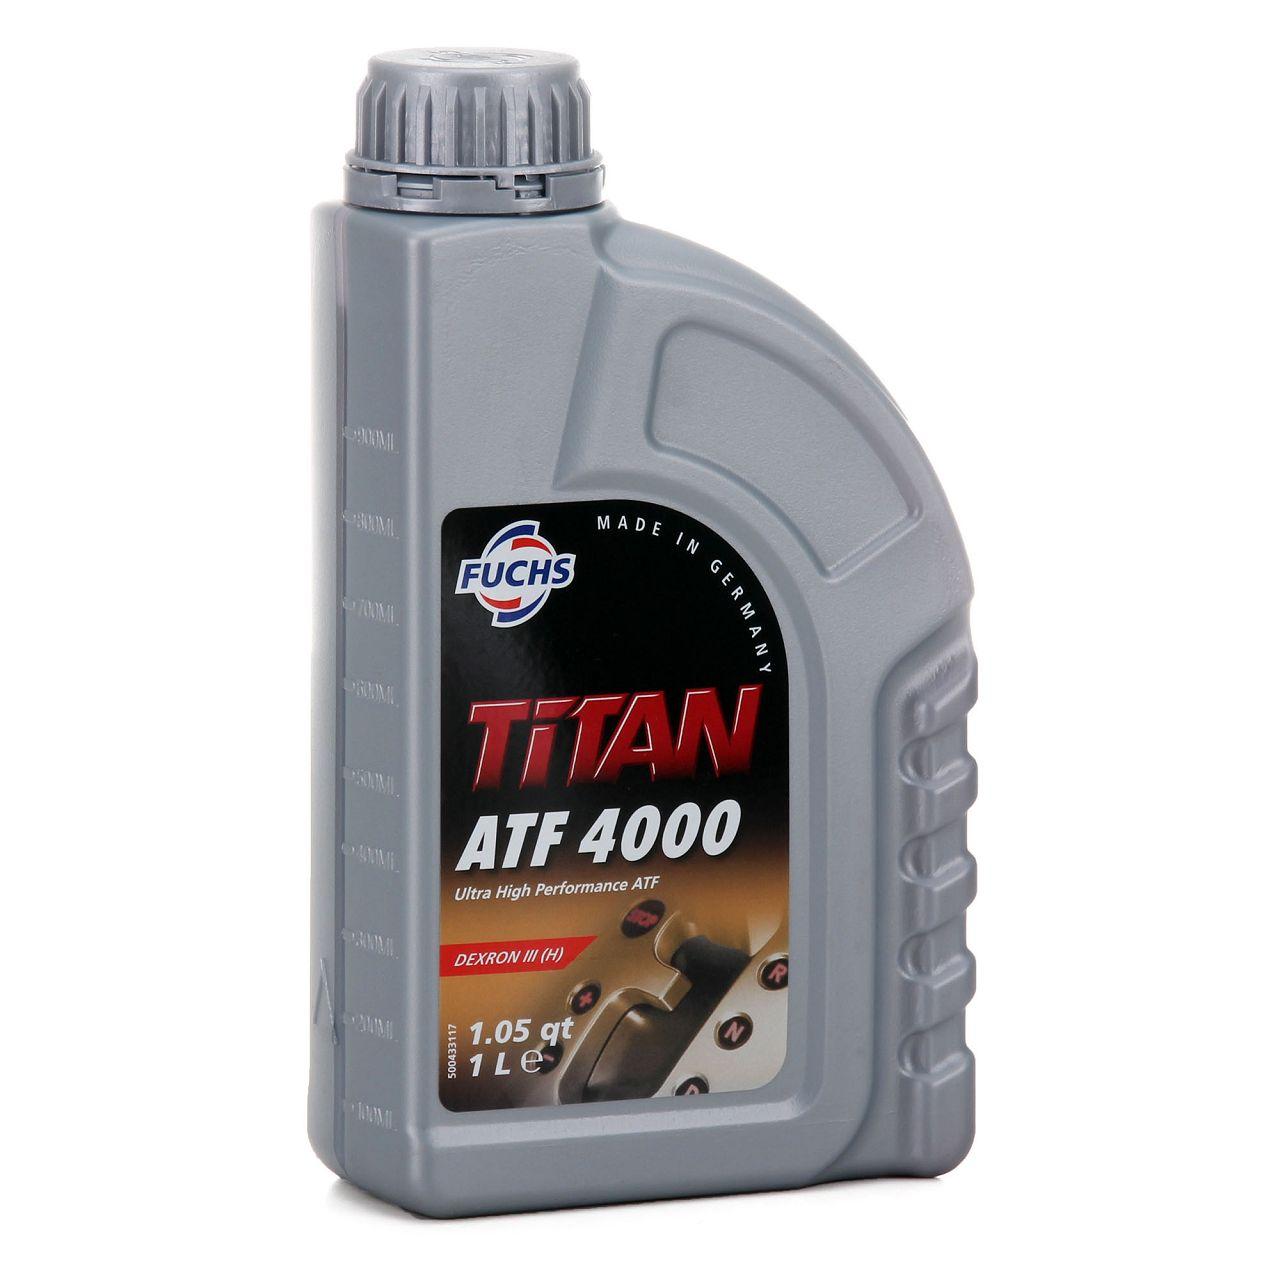 FUCHS Getriebeöl Automatikgetriebeöl TITAN ATF 4000 1L 1 Liter MB 236.1